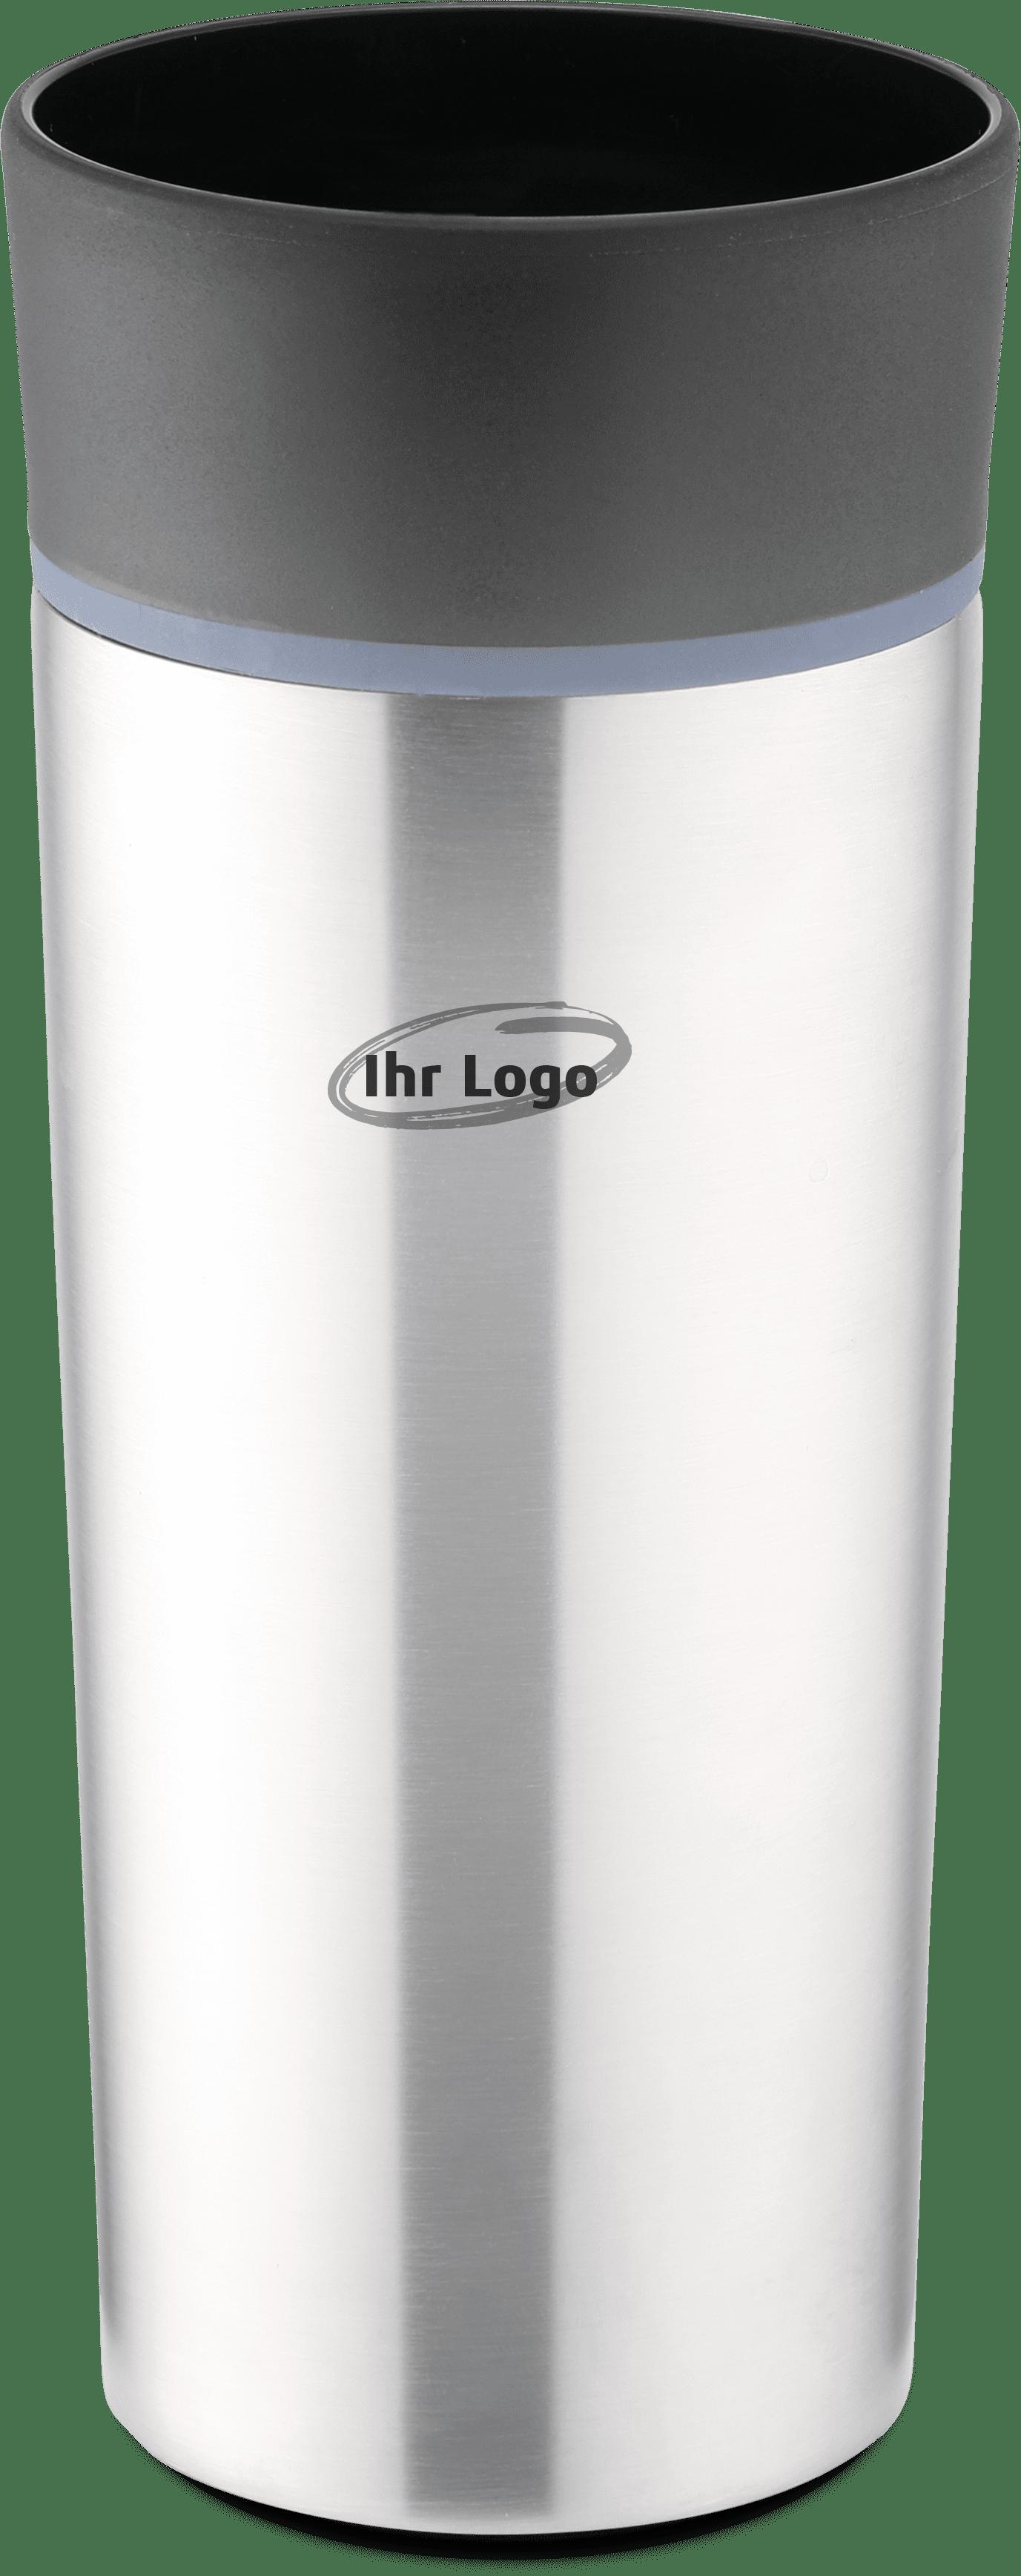 Edelstahl Isolierbecher personalisiert mit Aufdruck